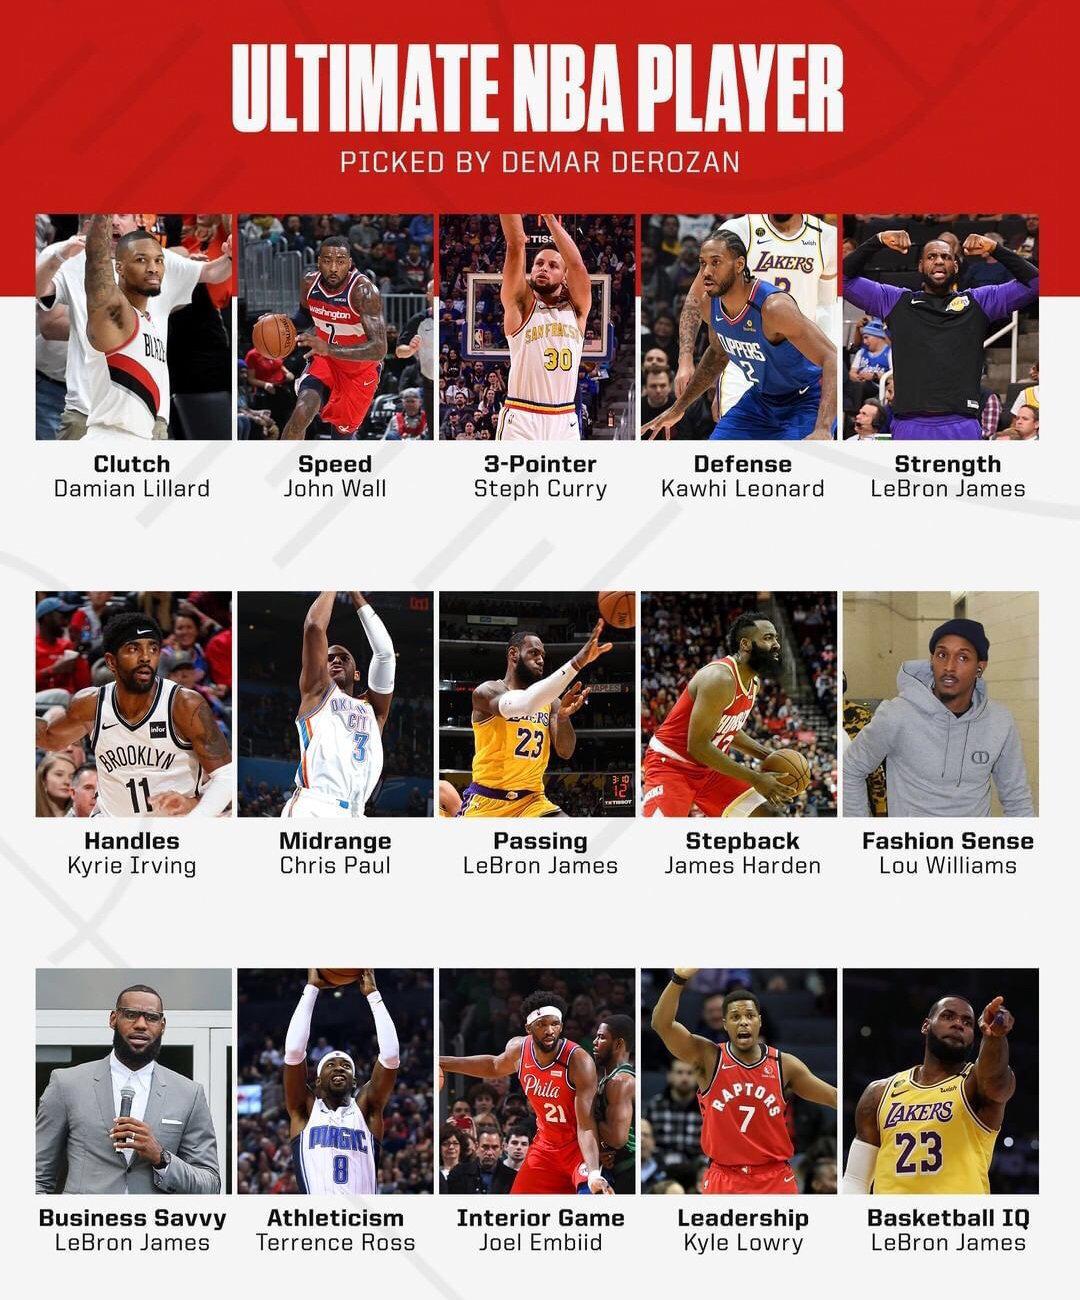 现役NBA球员各项技能,库里三分球,利拉德关键球,詹姆斯力量